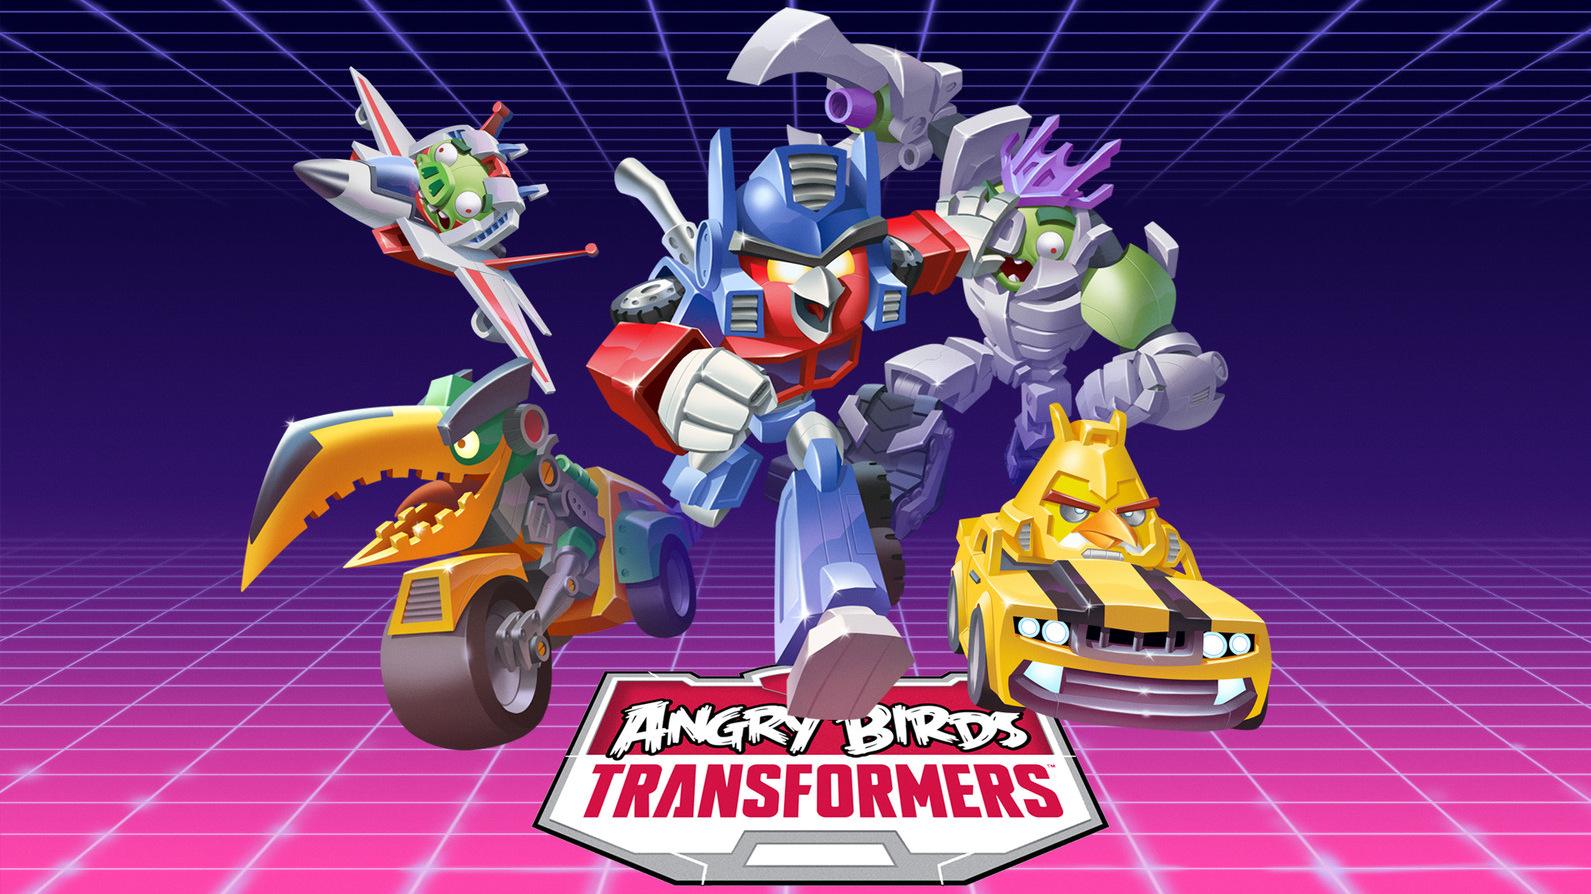 juegos de transformers gratis